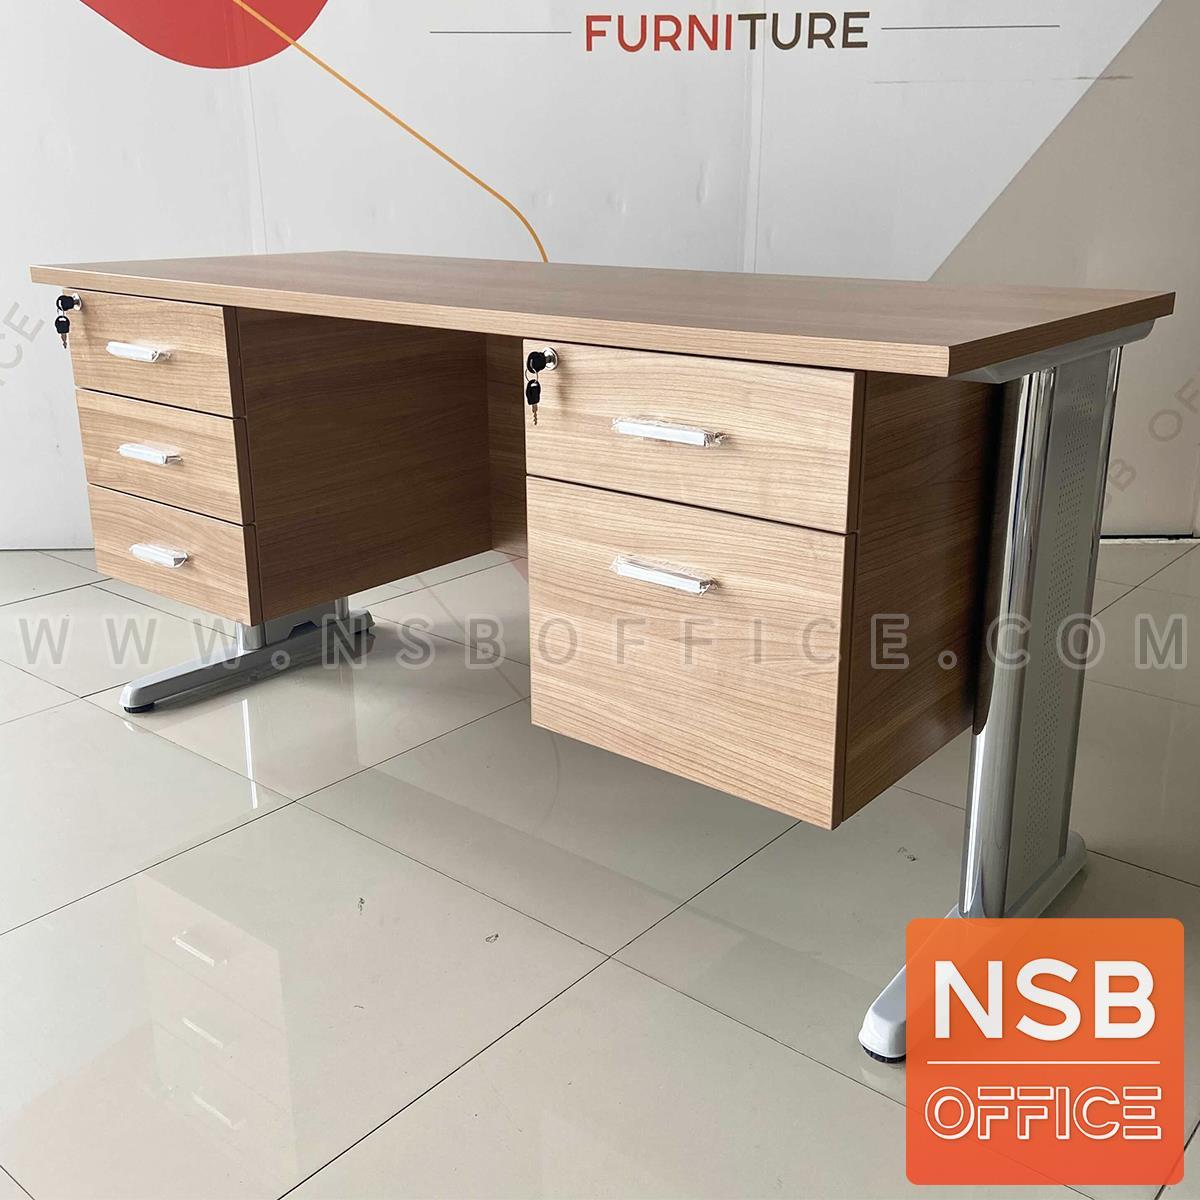 โต๊ะทำงาน 5 ลิ้นชักข้าง  ขนาด 150W ,165W ,180W (*75D,80D) cm. เมลามีน